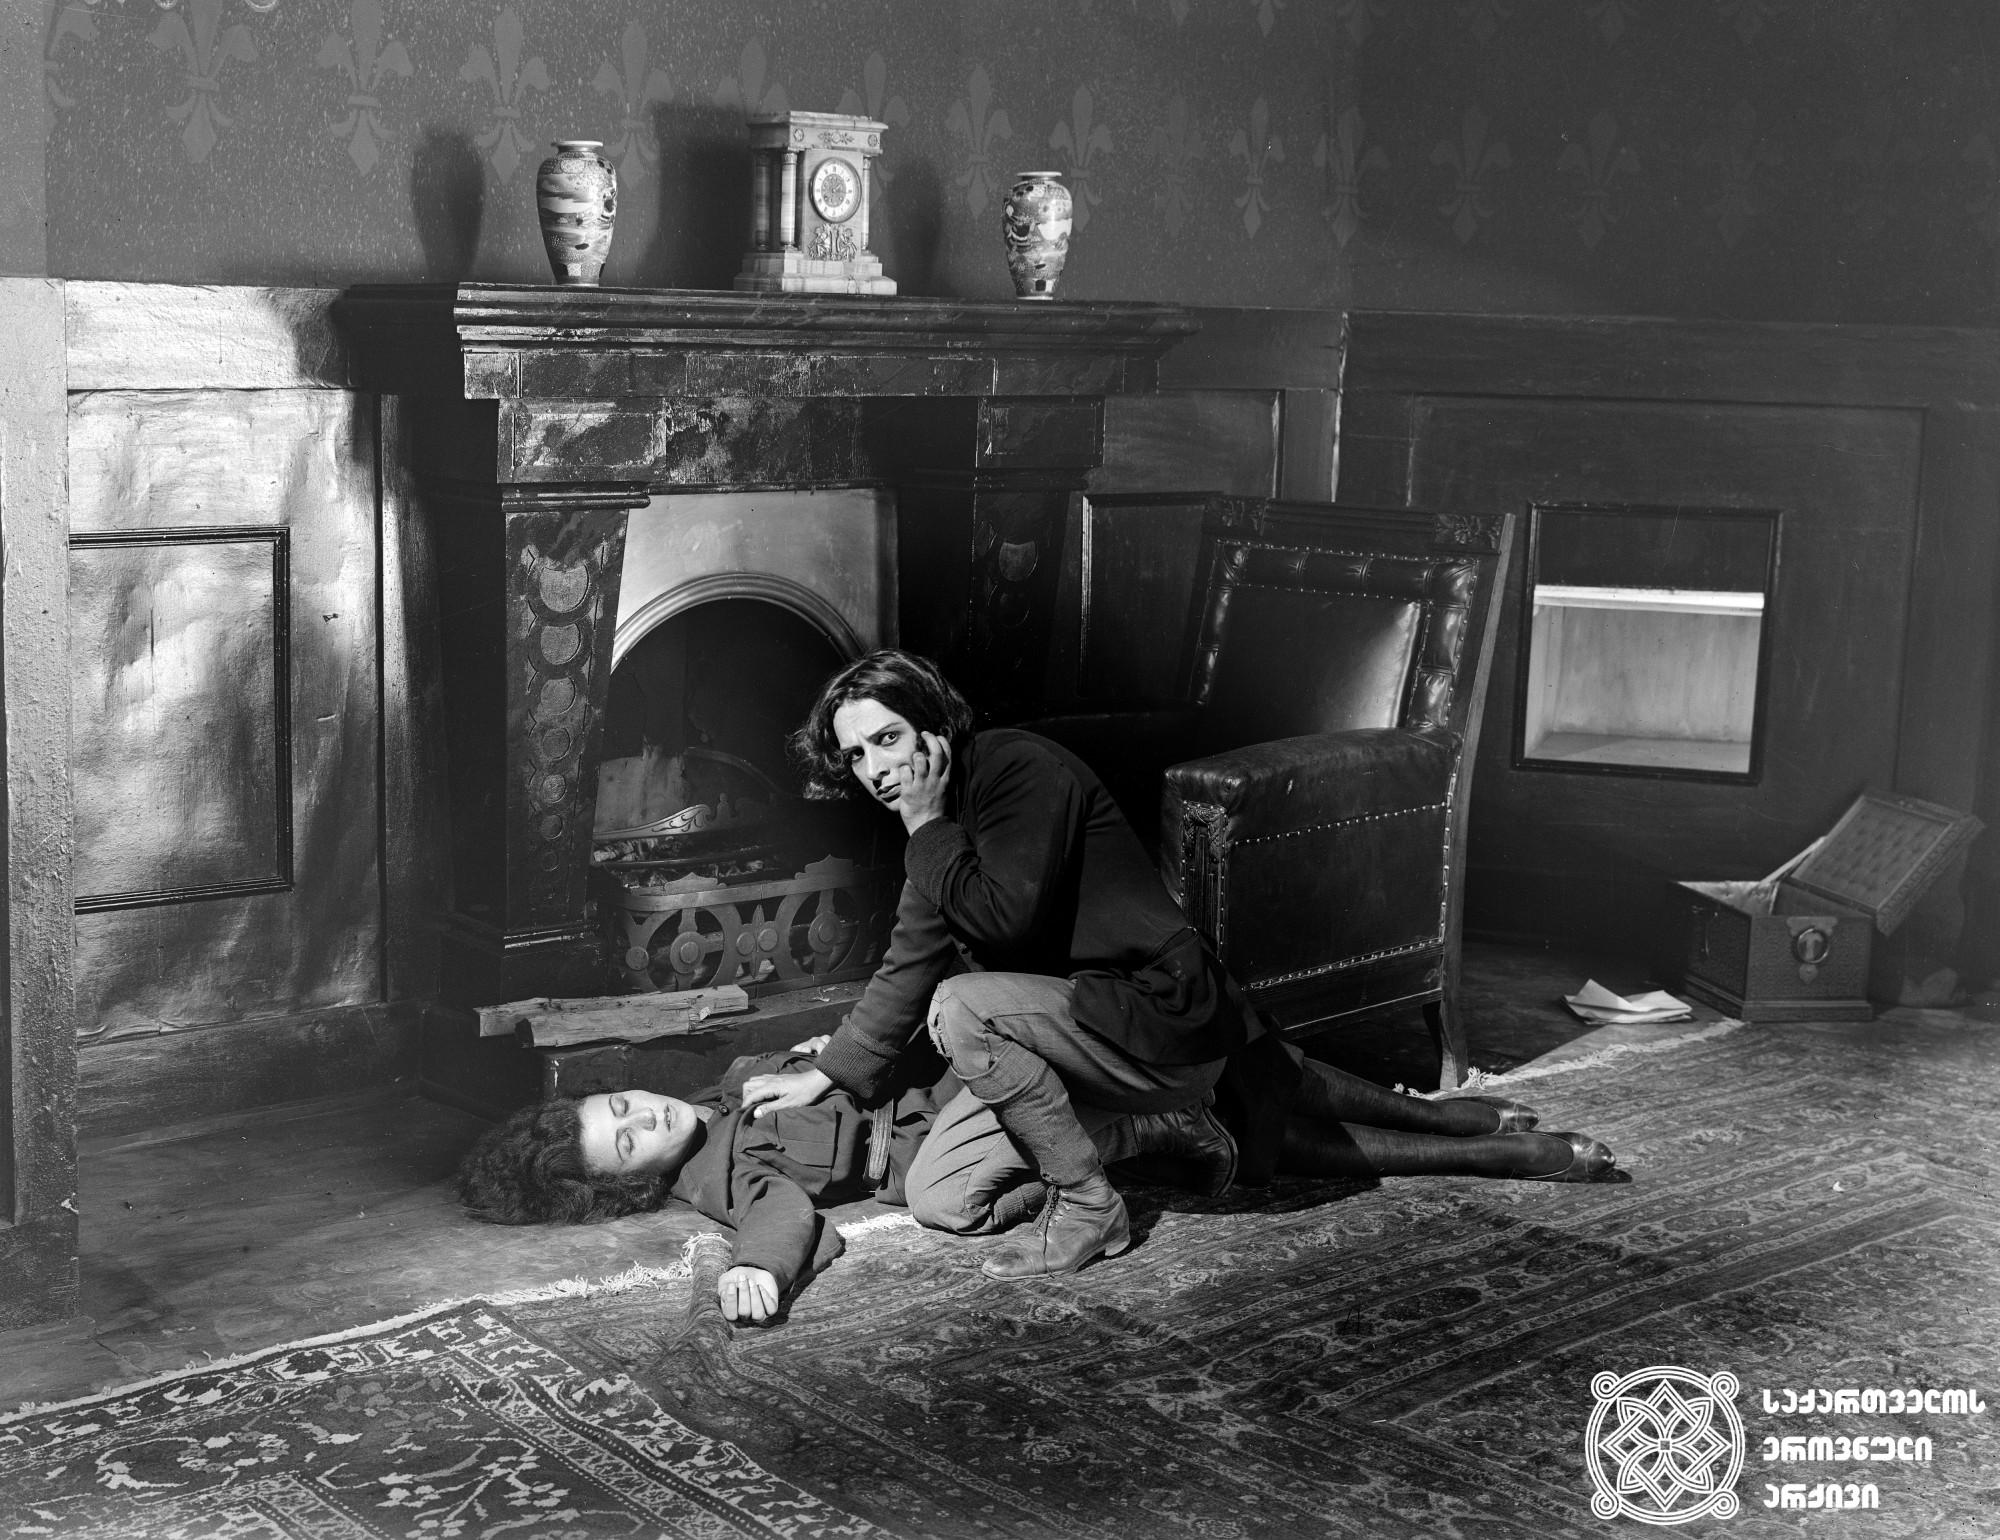 """""""შირვანსკაიას დანაშაული"""". 1926. <br> რეჟისორი: ივანე პერესტიანი. <br> ოპერატორი: ალექსანდრე დიღმელოვი. მხატვრები: სემიონ გუბინ-გუნი, ფიოდორ პუში.  გადაღებულია უსცენაროდ. <br> ფილმი წარმოადგენს  ივანე პერესტიანის """"სავურ-მოგილას"""" (1926 წ.)  გაგრძელებას.  <br>  Shirvanskaias Danashauli (The Crime of Shirvanskaya). 1926. <br>  Director: Ivan Perestiani. <br> Camera operator: Alexander Dighmelov. Production designers: Semion Gubin-Gun, Fiodor Push.   Film is shot without screenplay. <br> The film represents the continuation of Ivan Perestiani's The Savur Grave (1926)."""